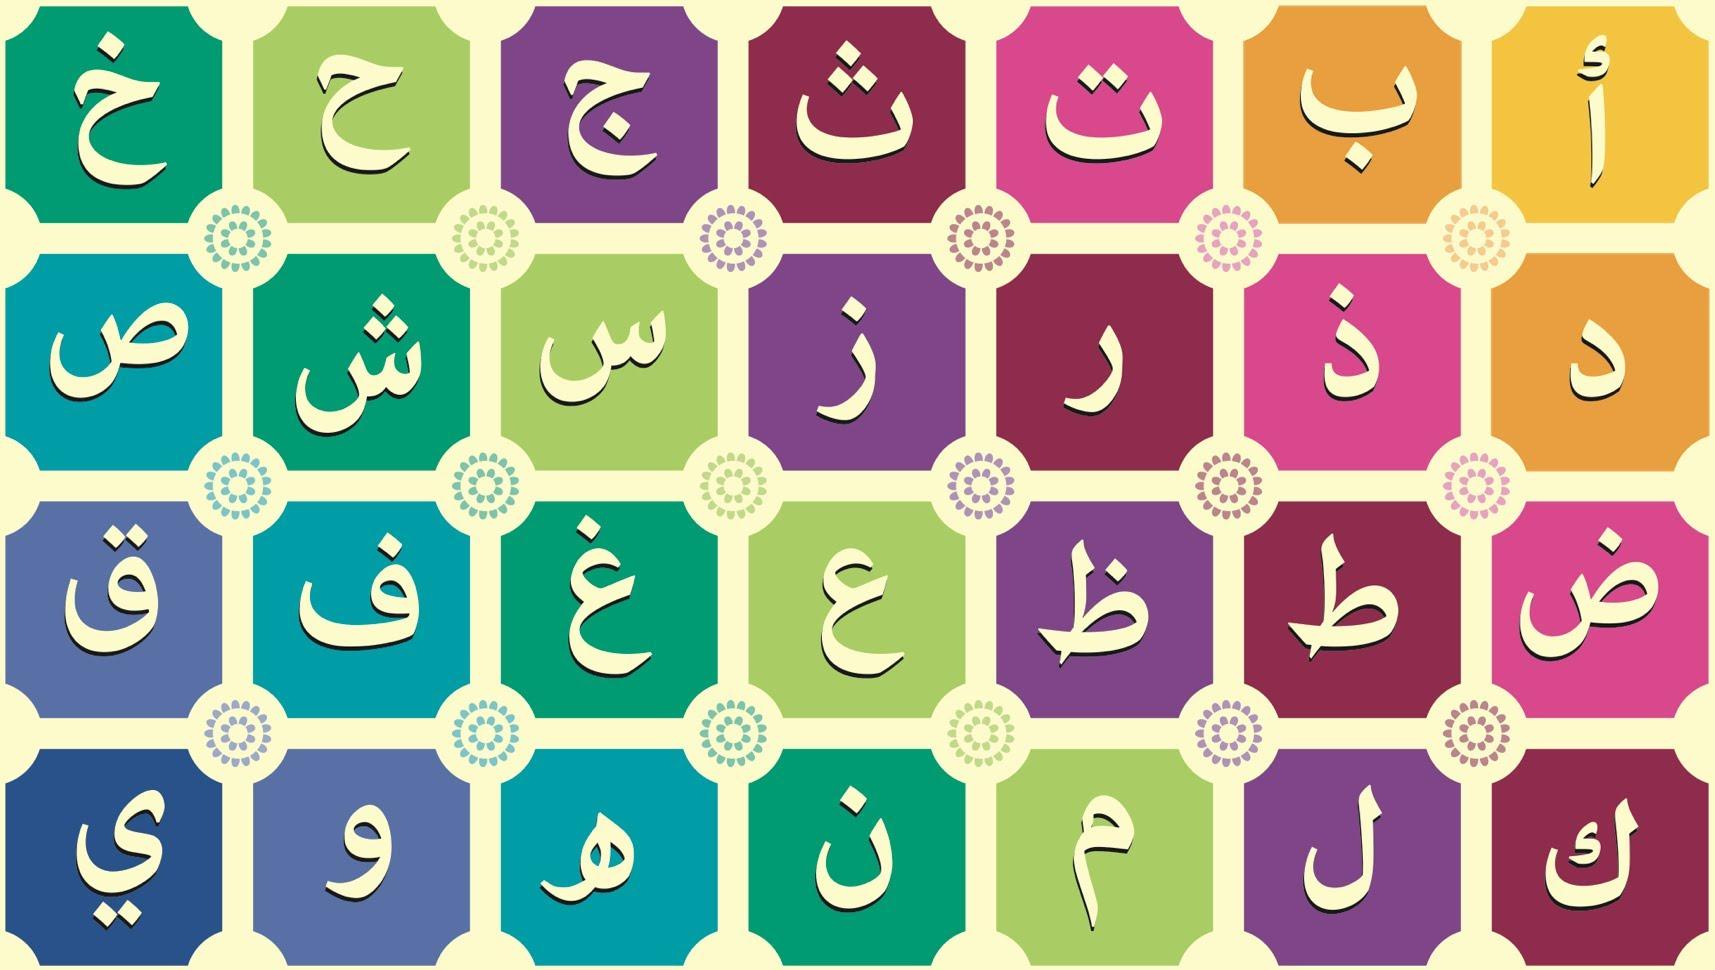 حروف تنطق ولا تكتب - اكتب صح